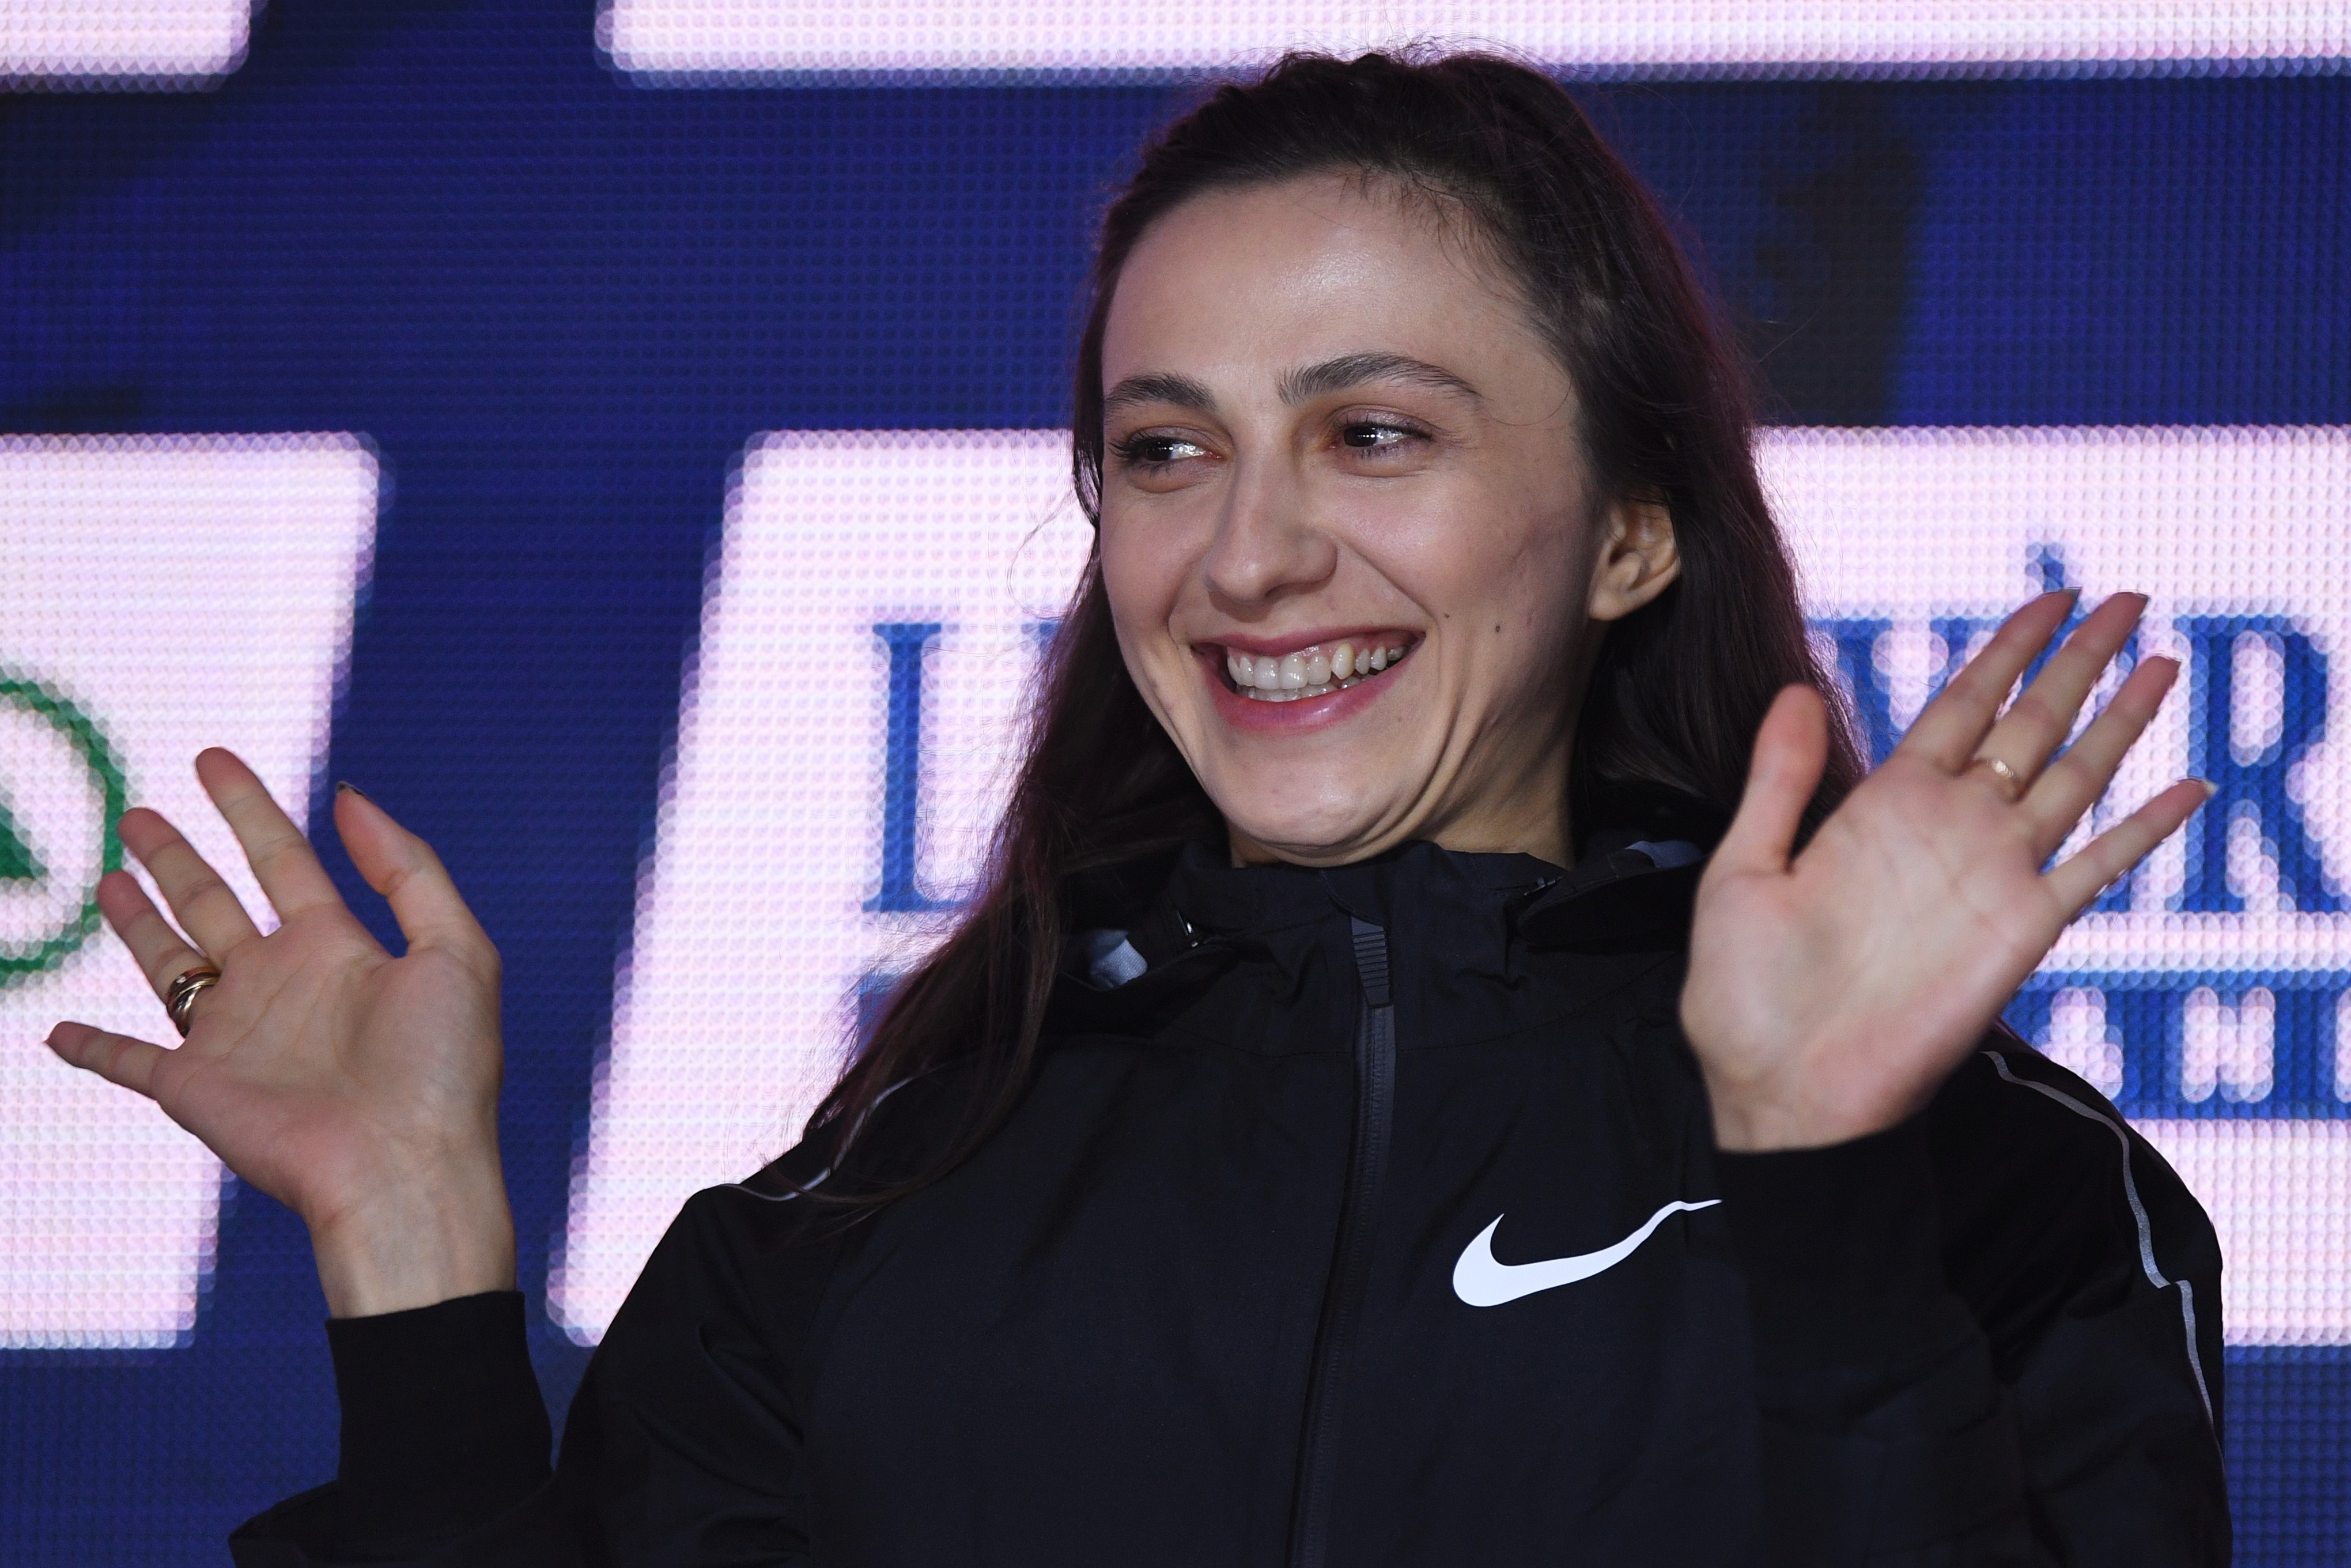 <p><span>Мария Ласицкене.&nbsp;Фото: &copy; РИА Новости / Григорий Сысоев</span></p>